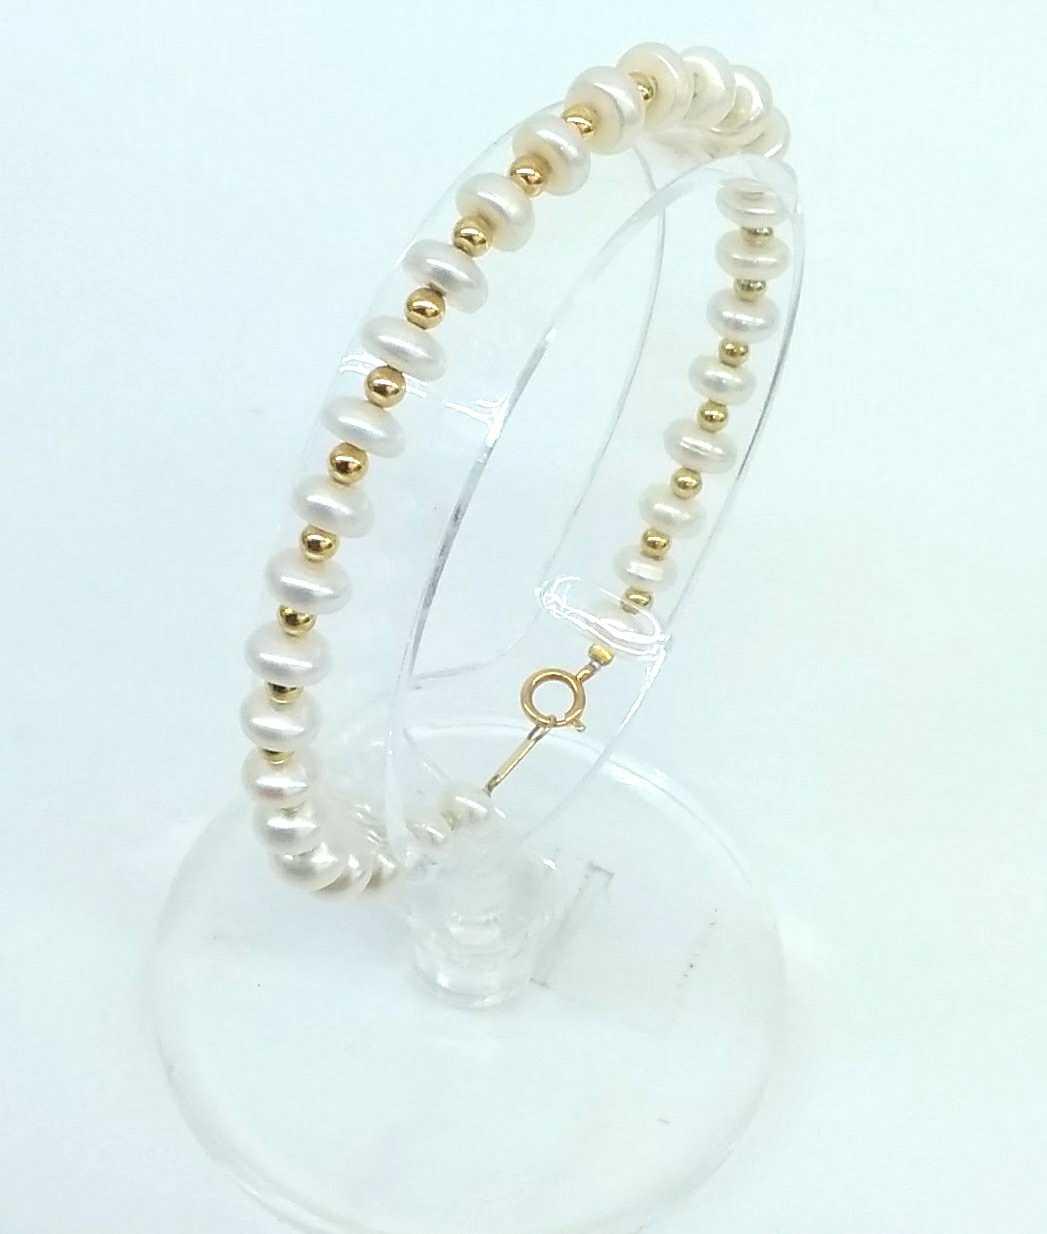 K18パールブレスレット|宝石付きブレスレット